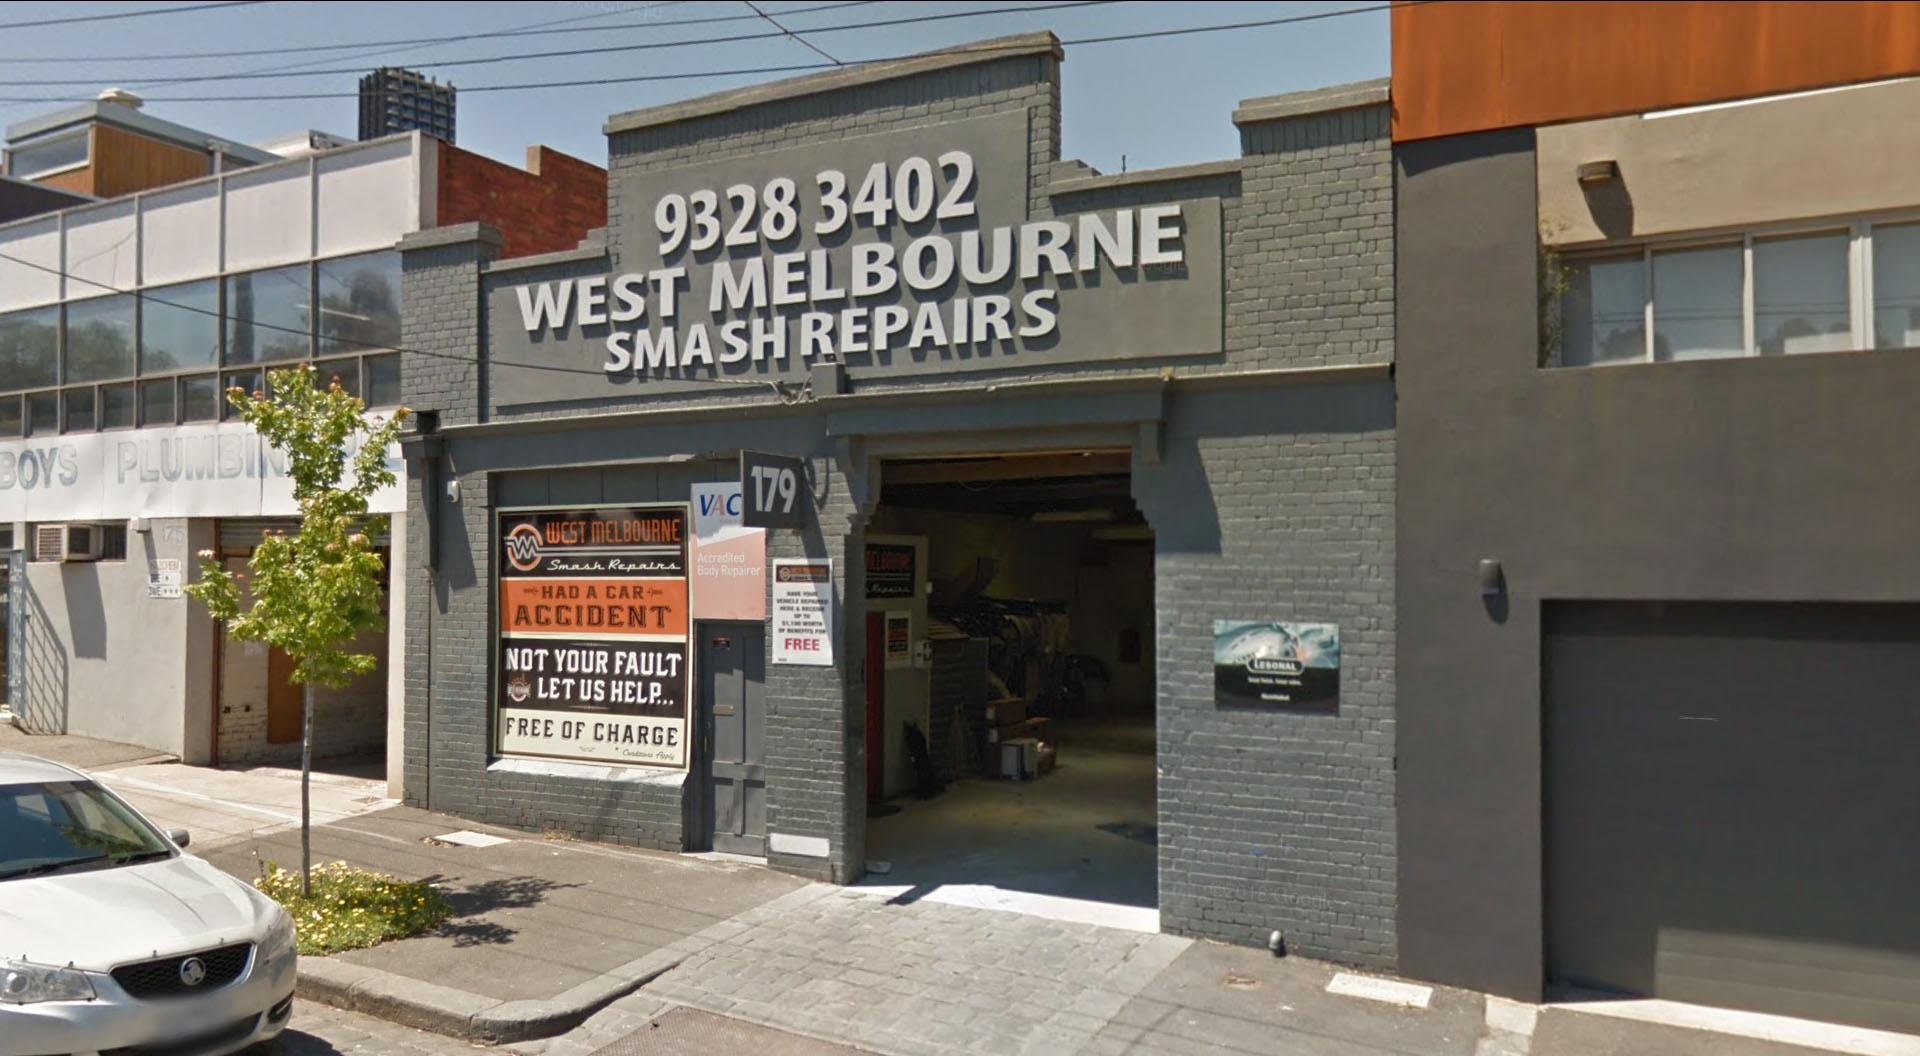 smash repairs near me